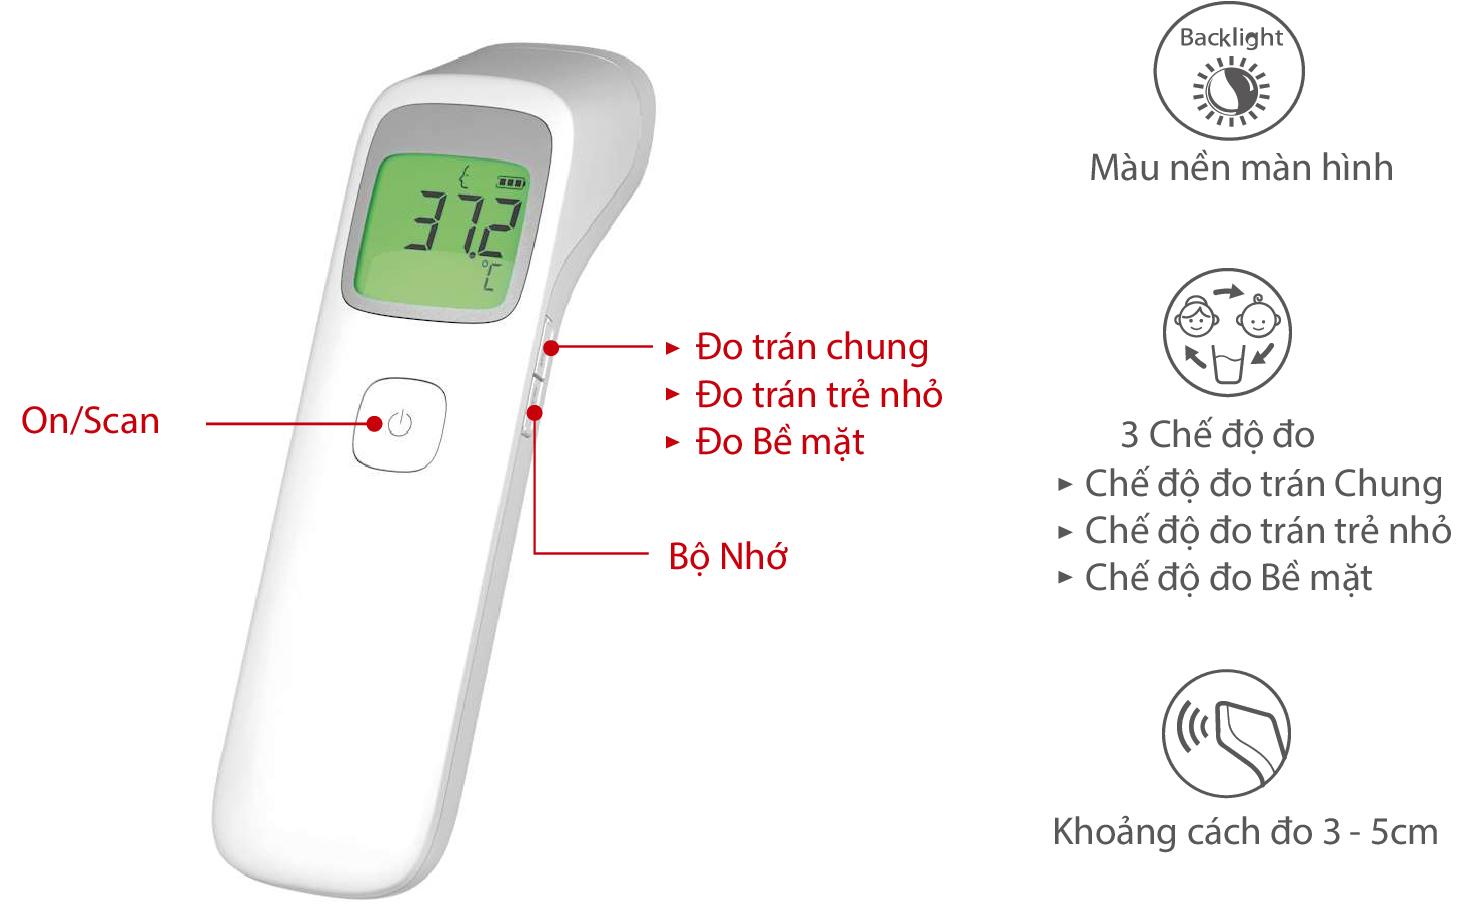 Các chức năng của nhiệt kế